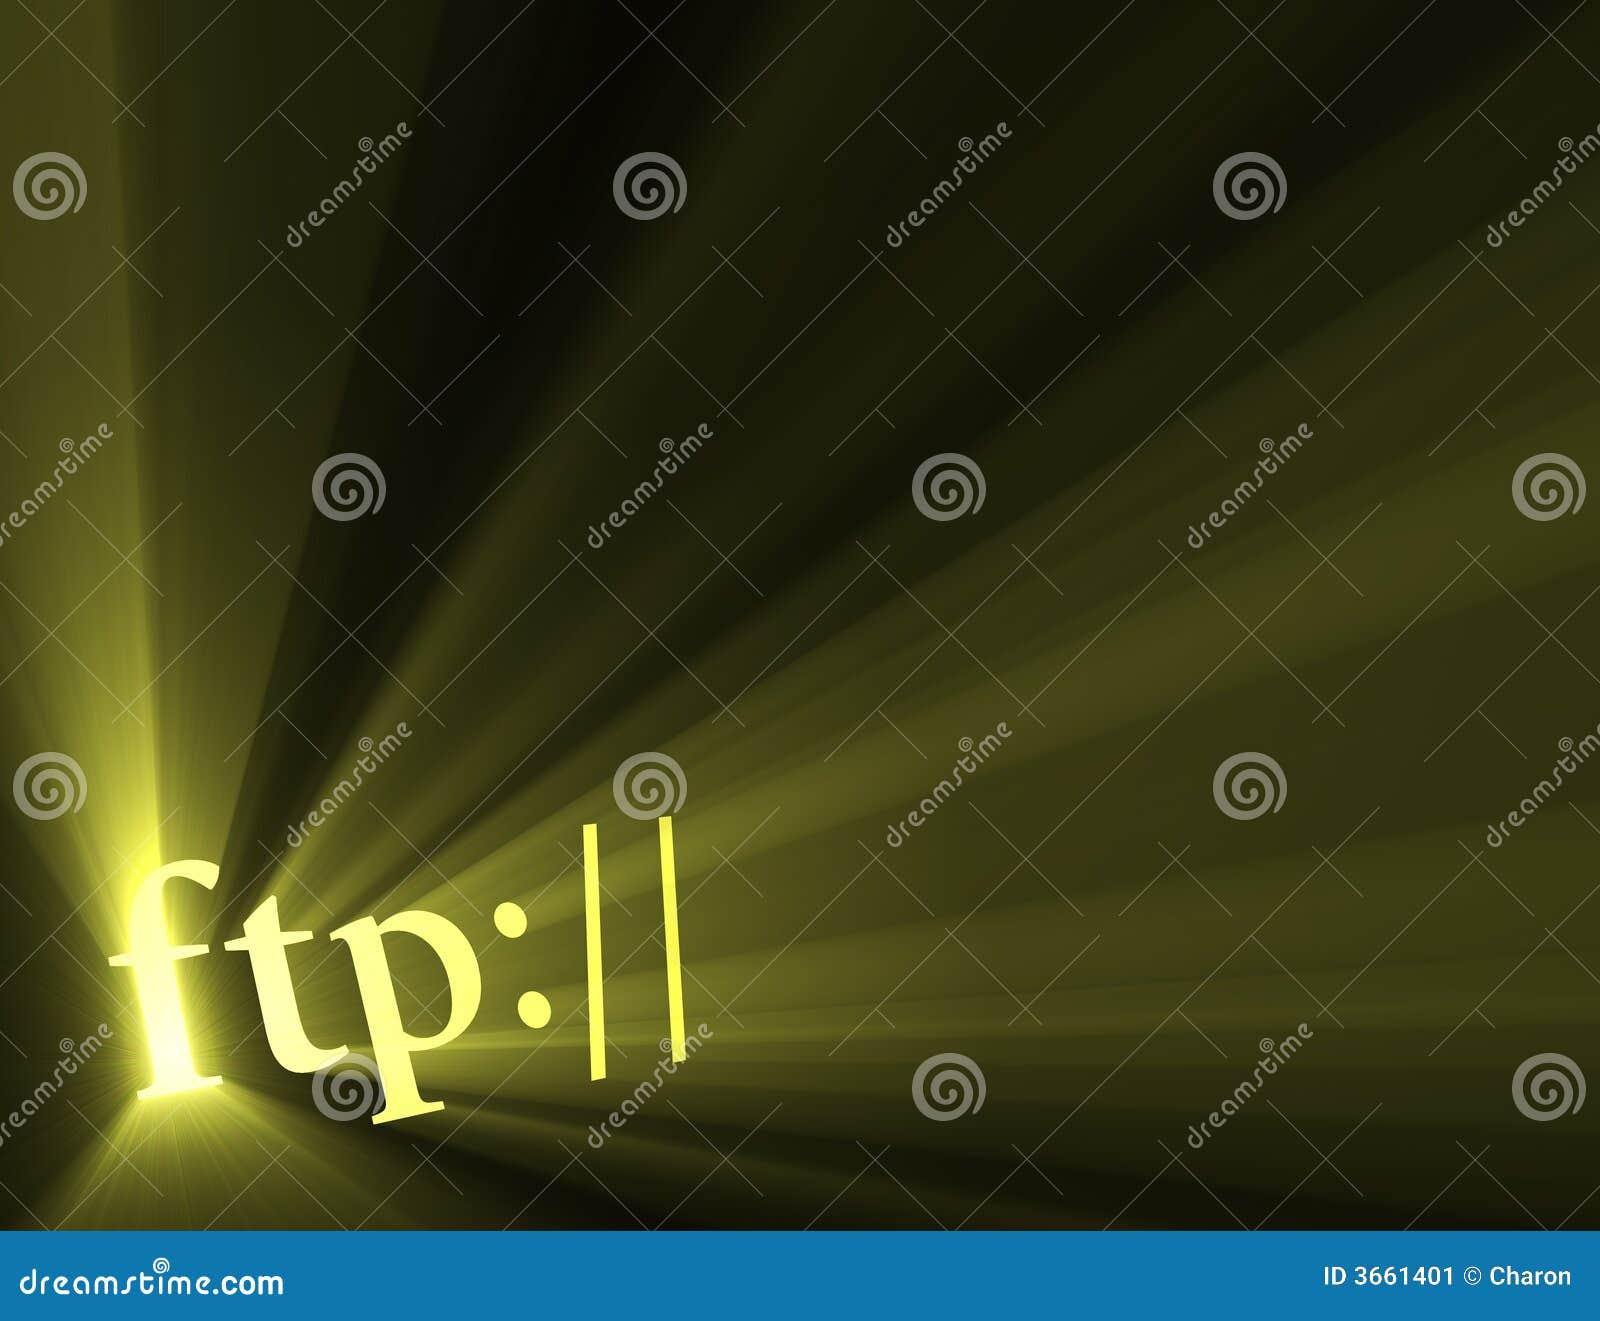 Błyski światła internetu ftp połączenia hiper znak